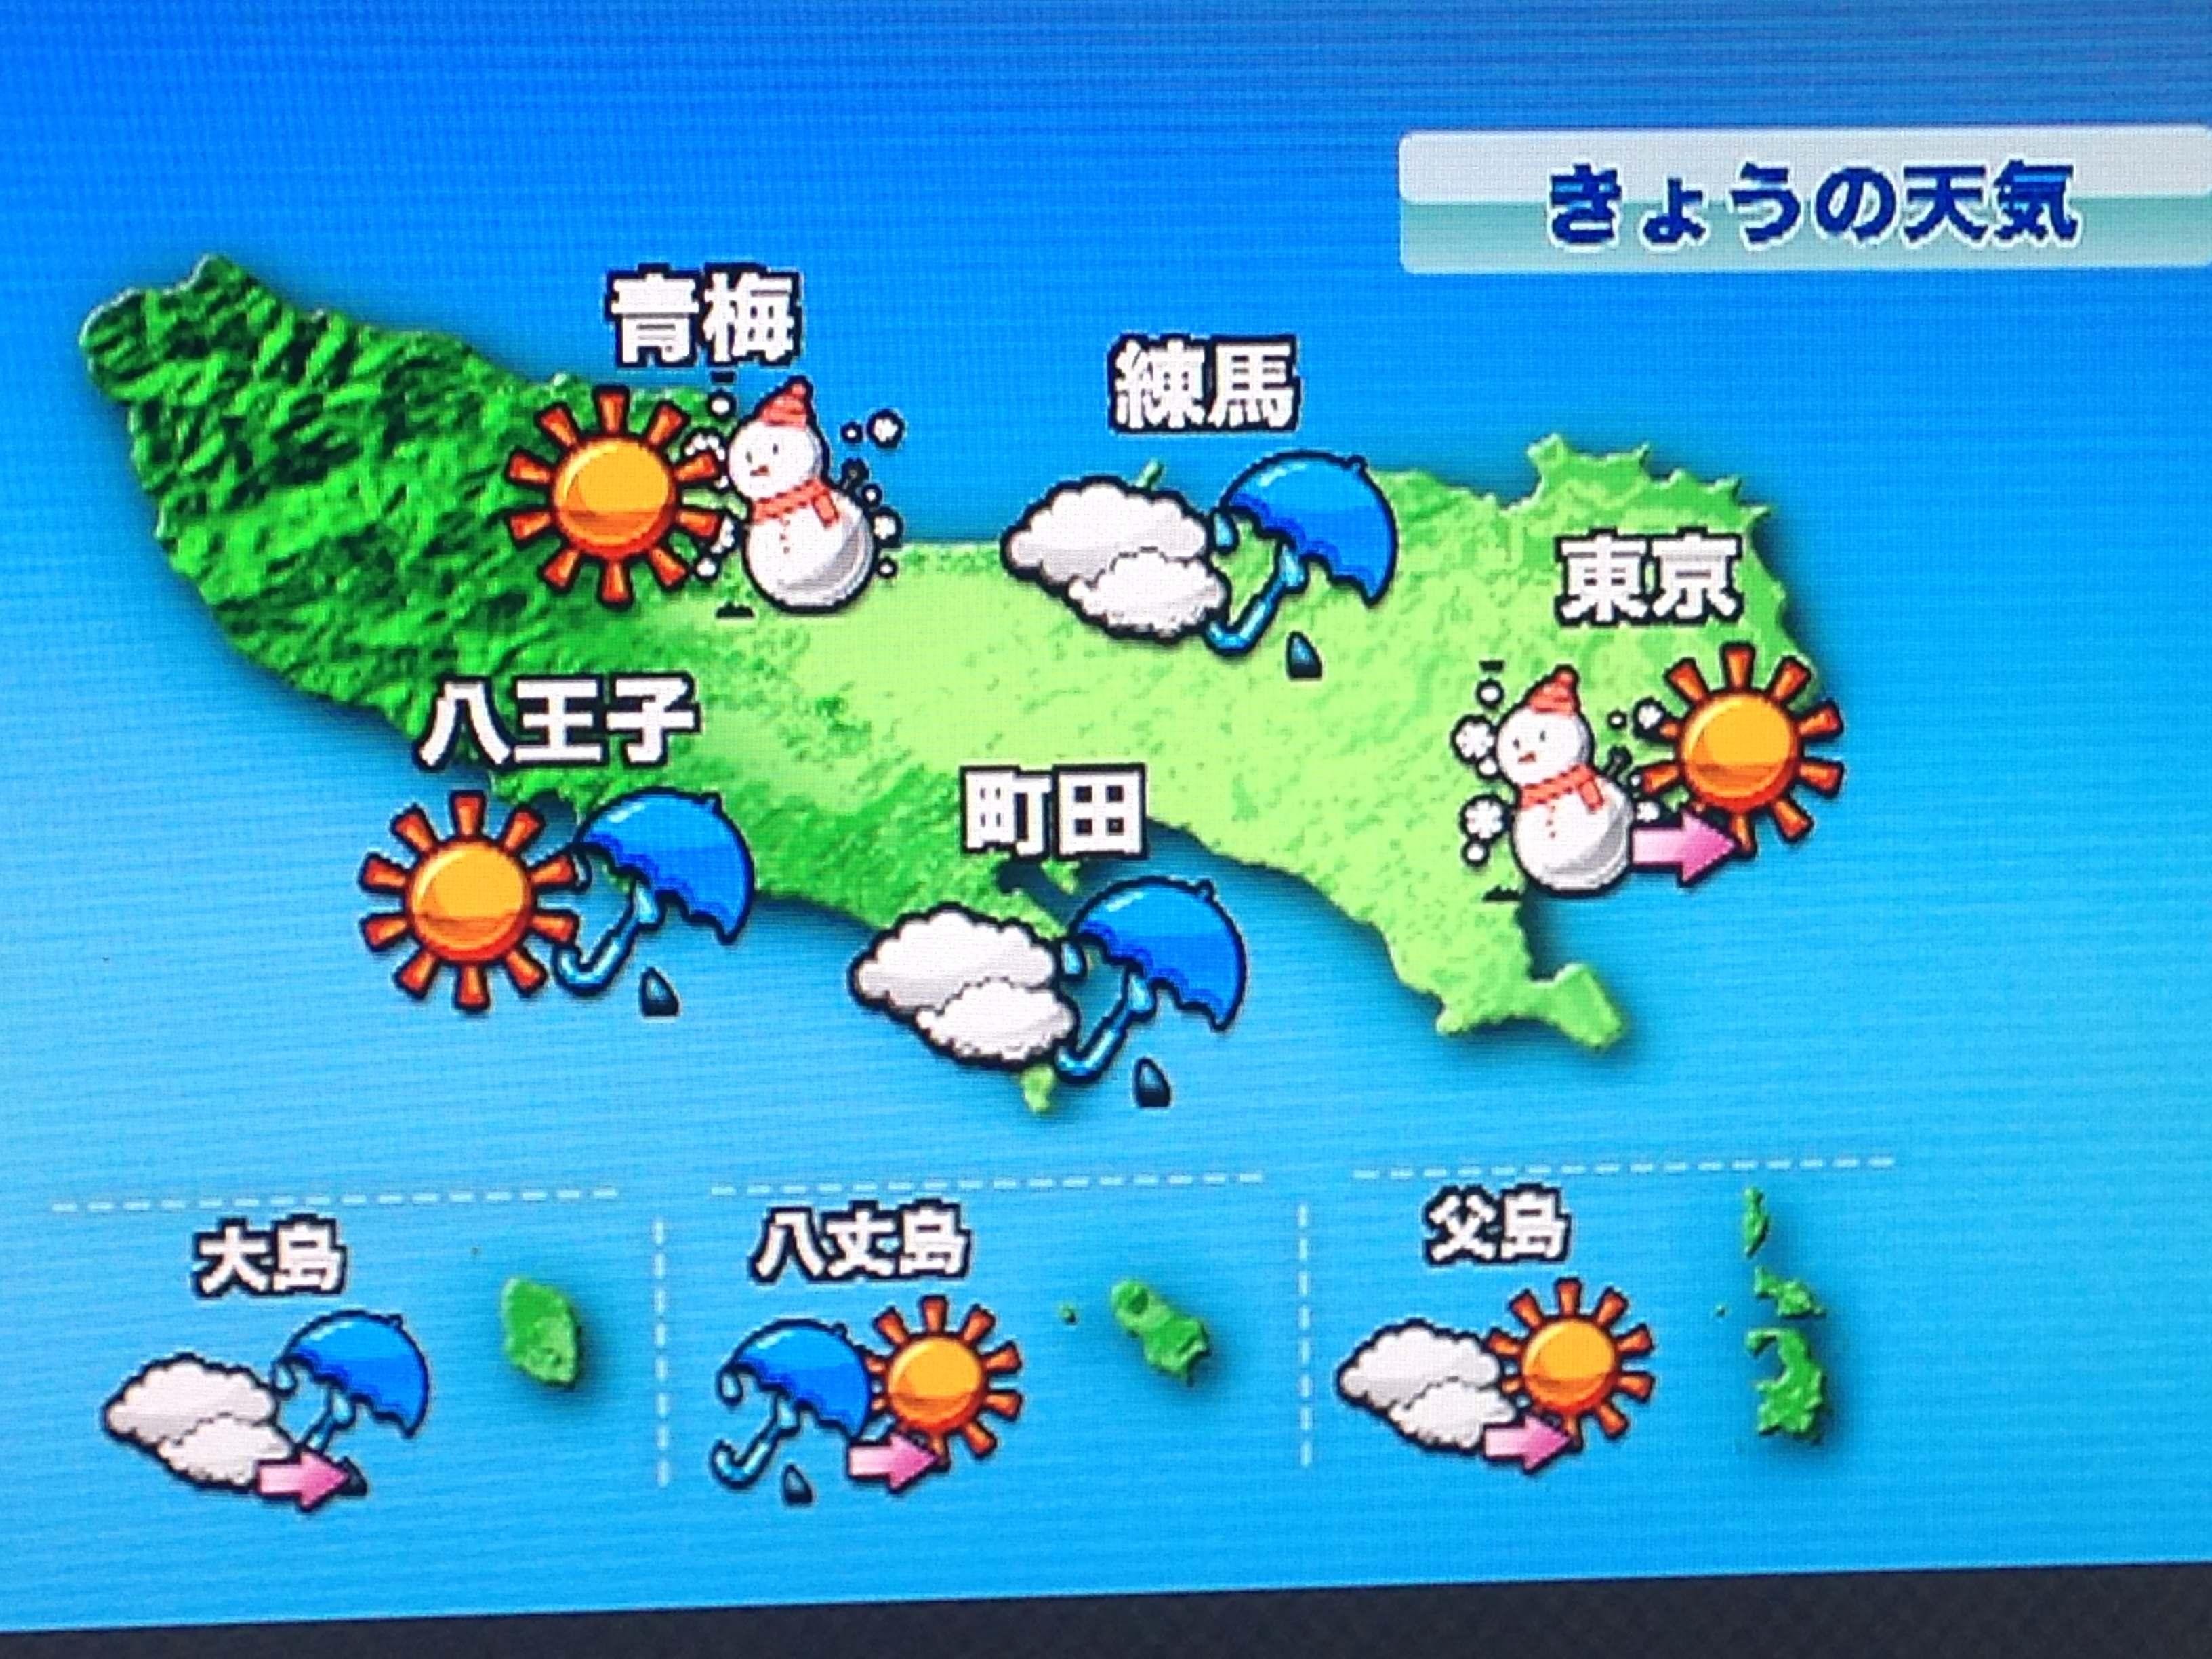 画像はTOKYO MXのデータ放送の天気予報。